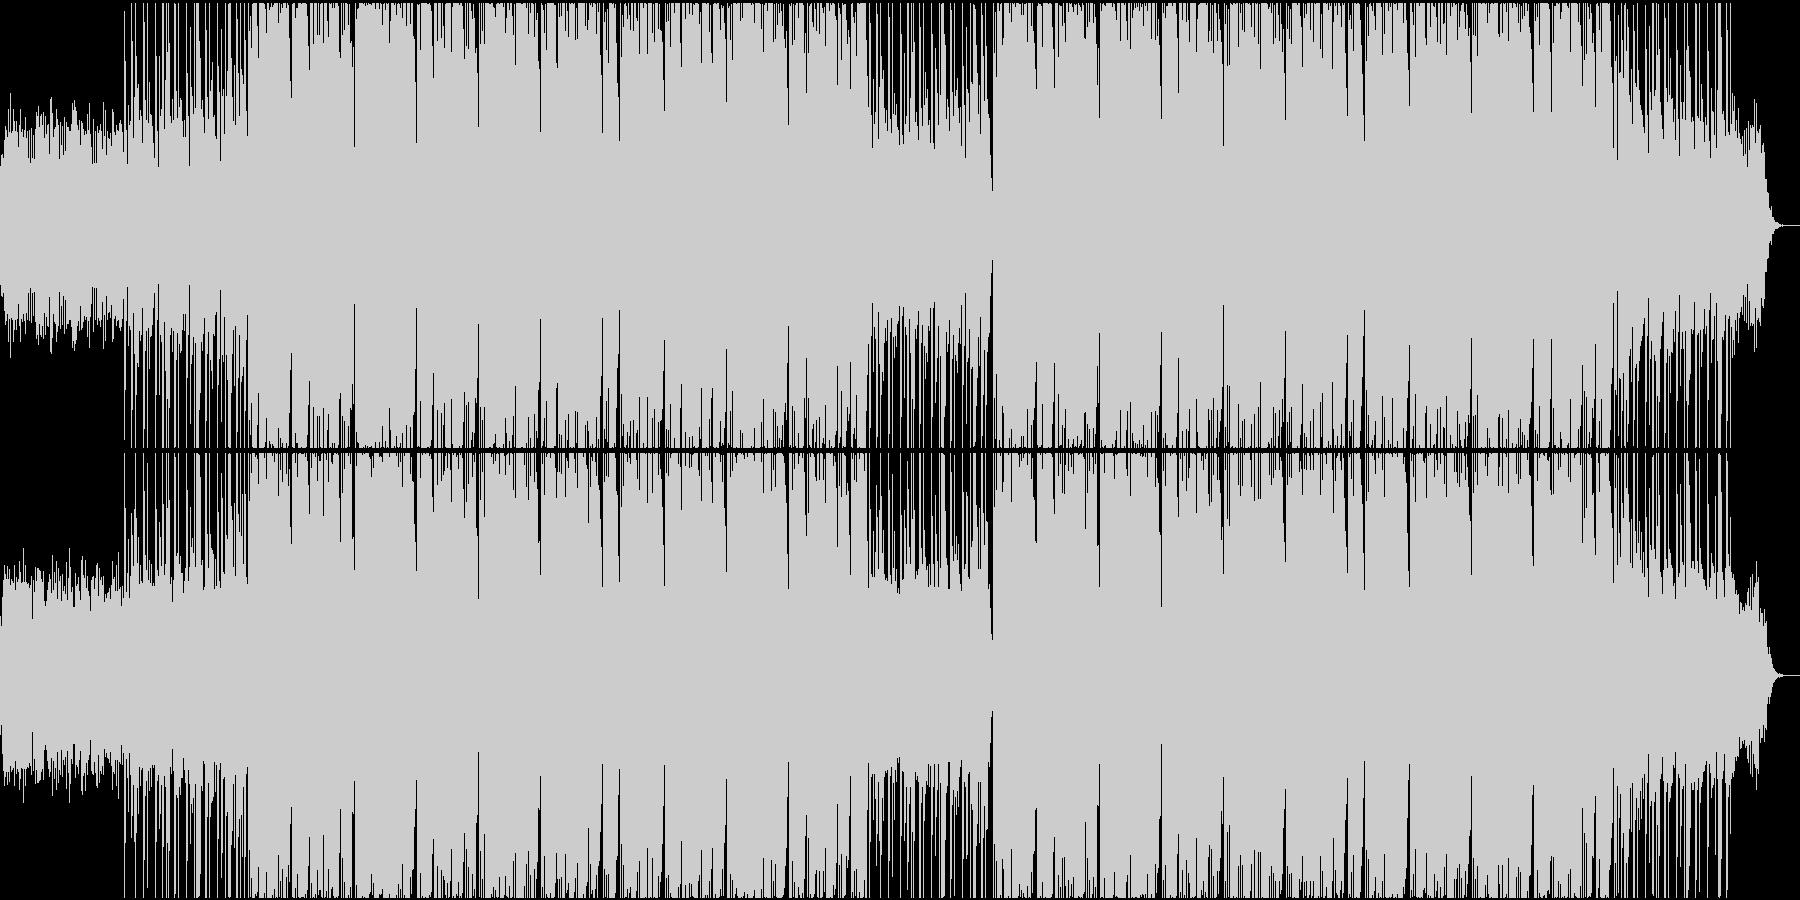 ダークなトラップビート【HipHop】の未再生の波形